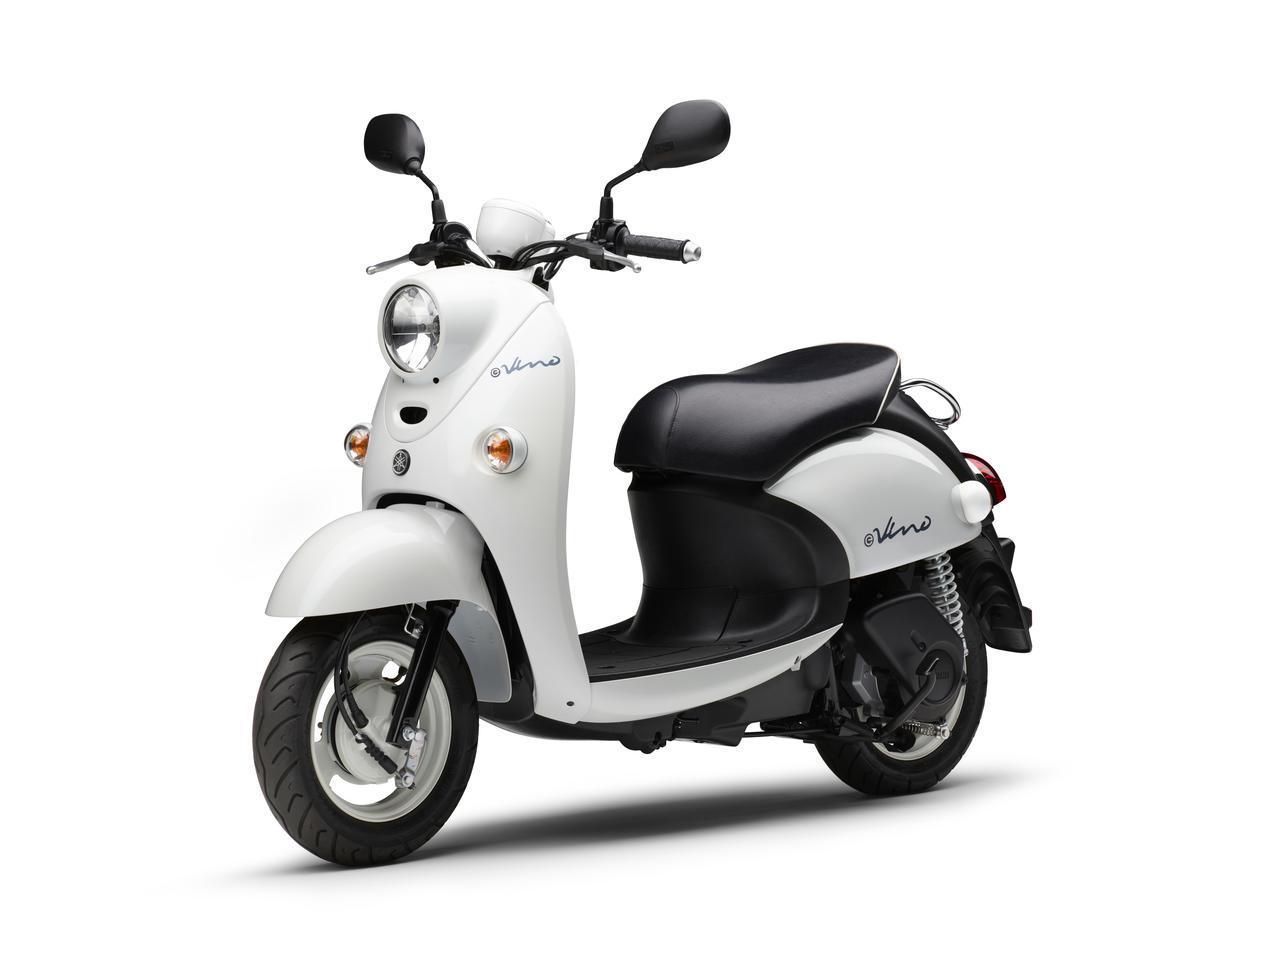 画像6: ヤマハが電動スクーター「E-Vino」(イービーノ)の2021年モデルを発売! 初のカラーチェンジでイメージを一新